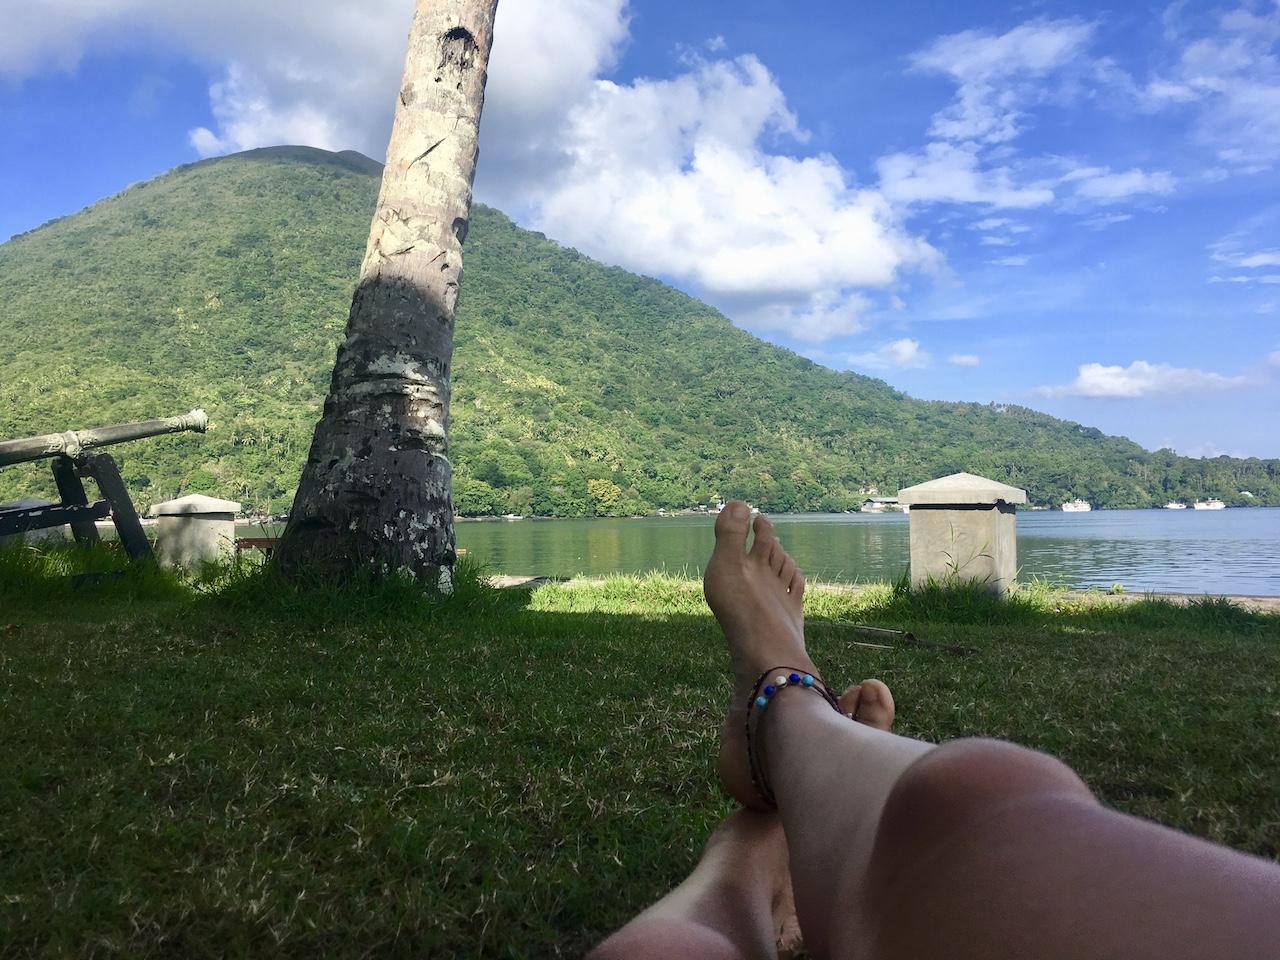 Banda-Inseln-Banda-Neira-Blick von Baba Lagoon zum Vulkan